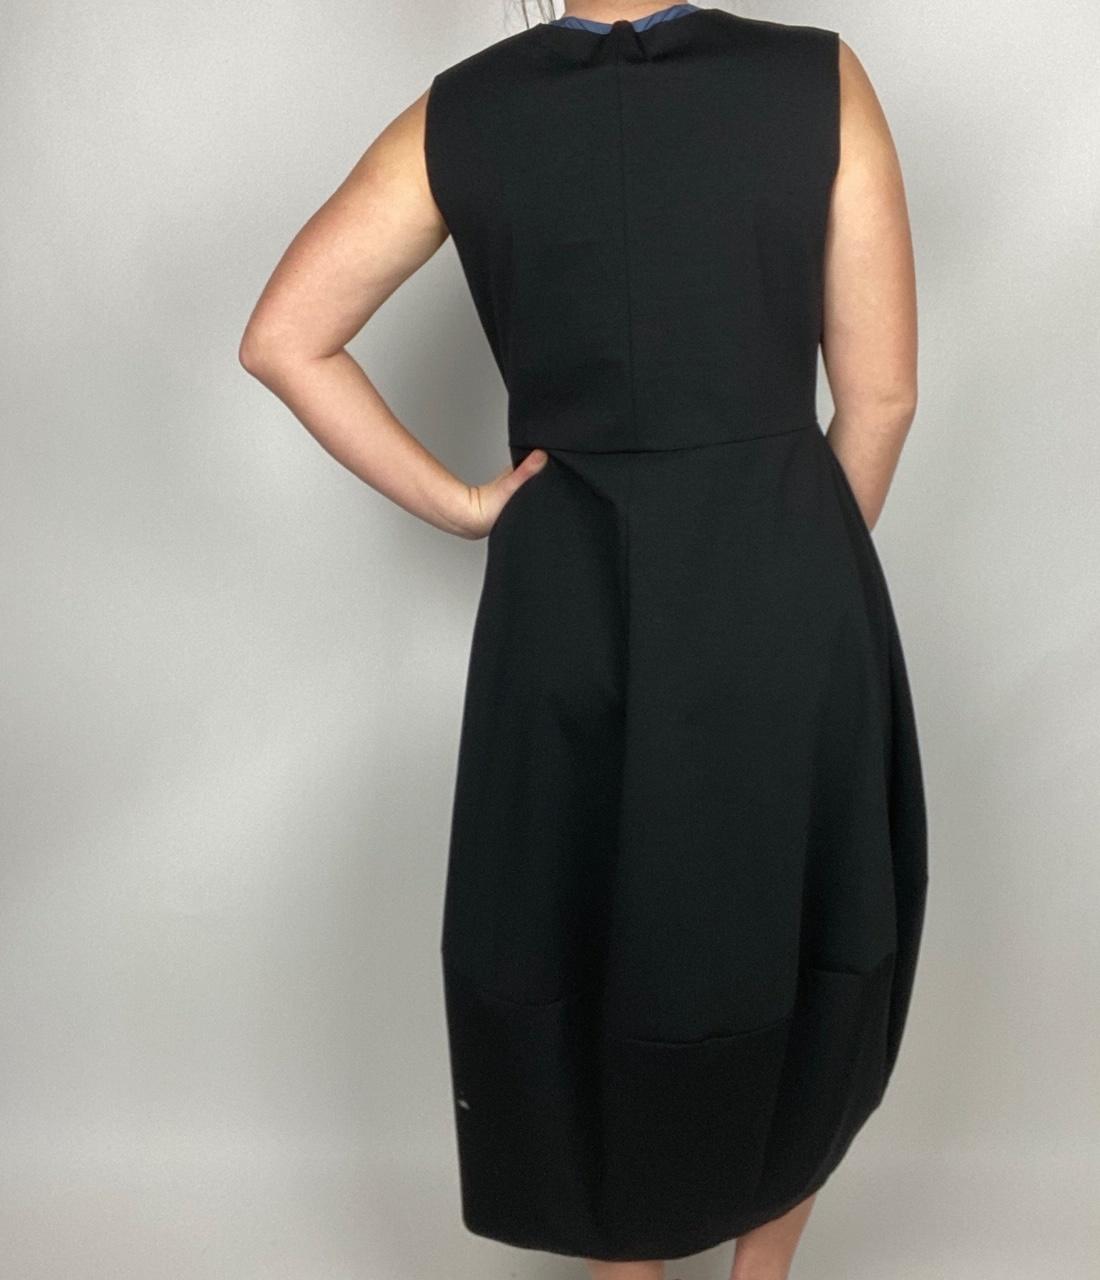 Baci & Amici Baci Panelled Tank Dress Blk 21930416